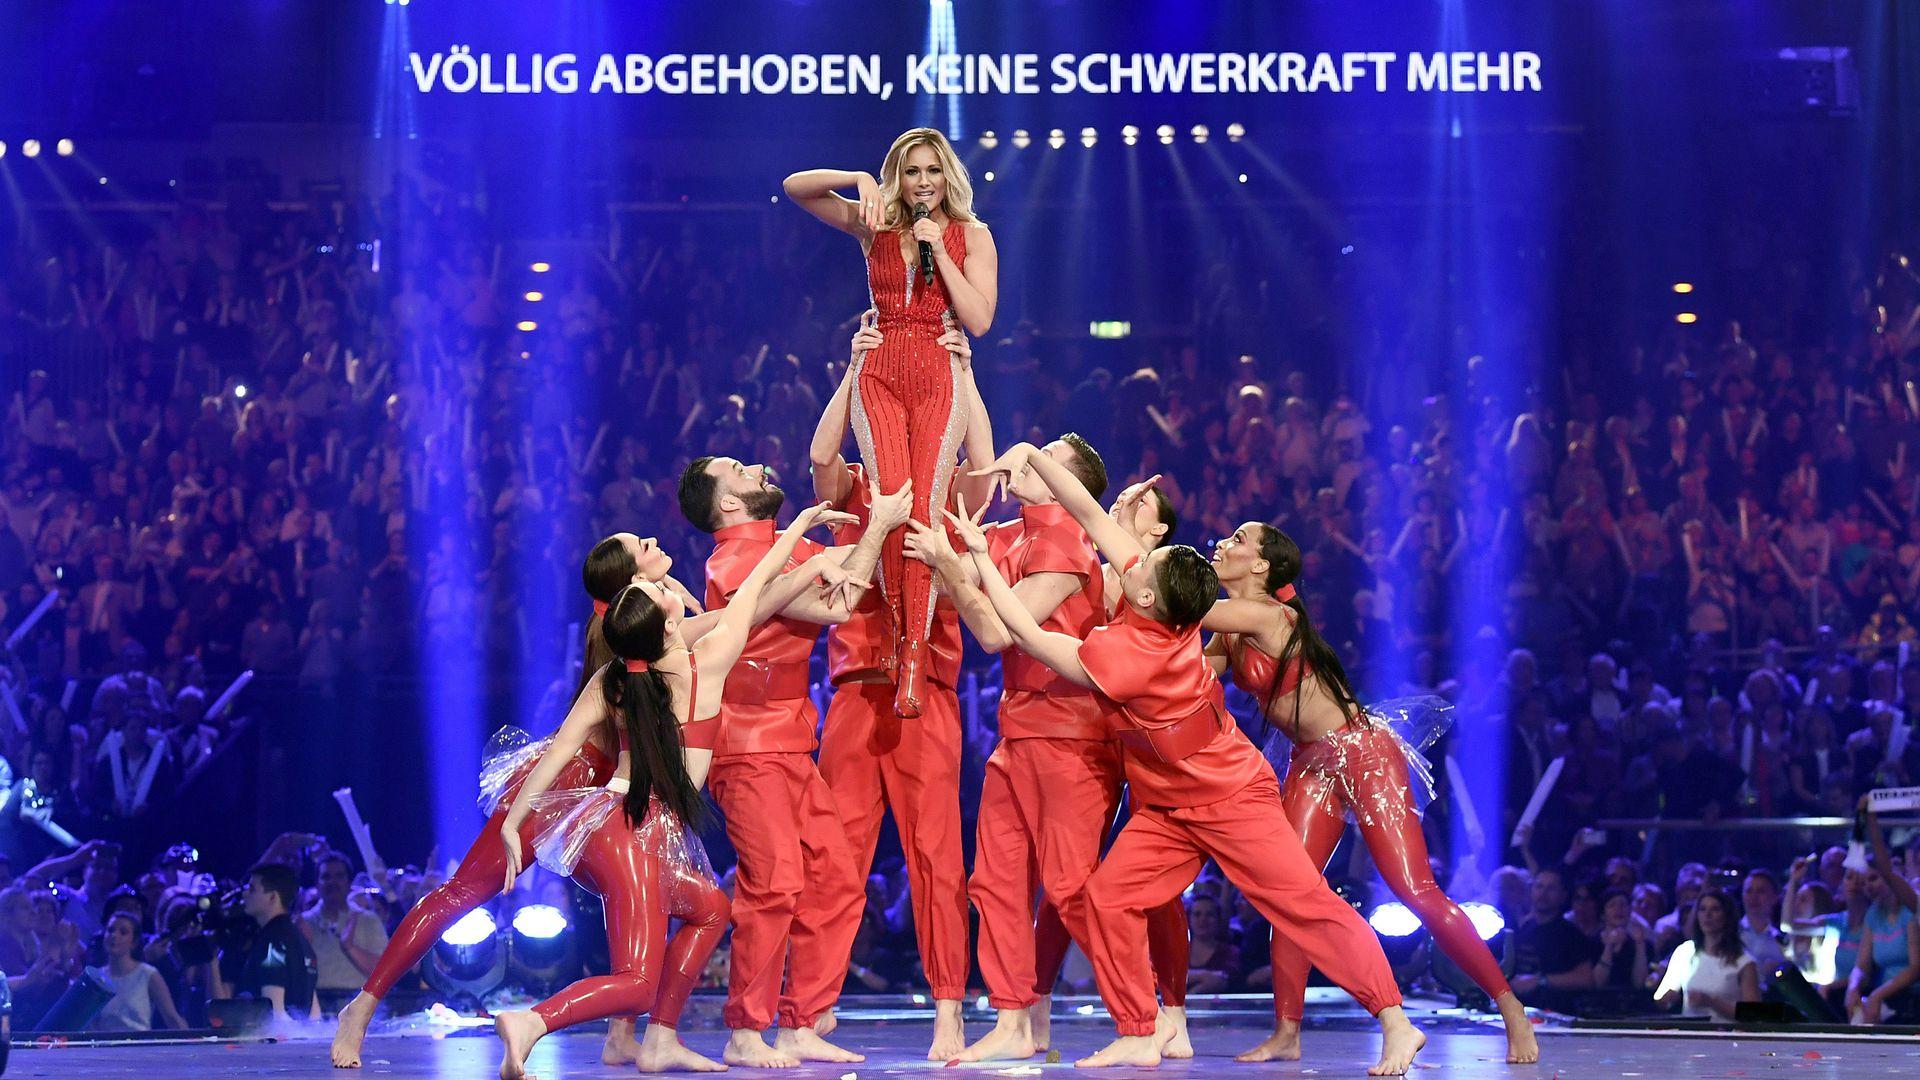 Nach Ard Live Show Helene Fischer Stürzte Auf Der Bühne Promiflashde